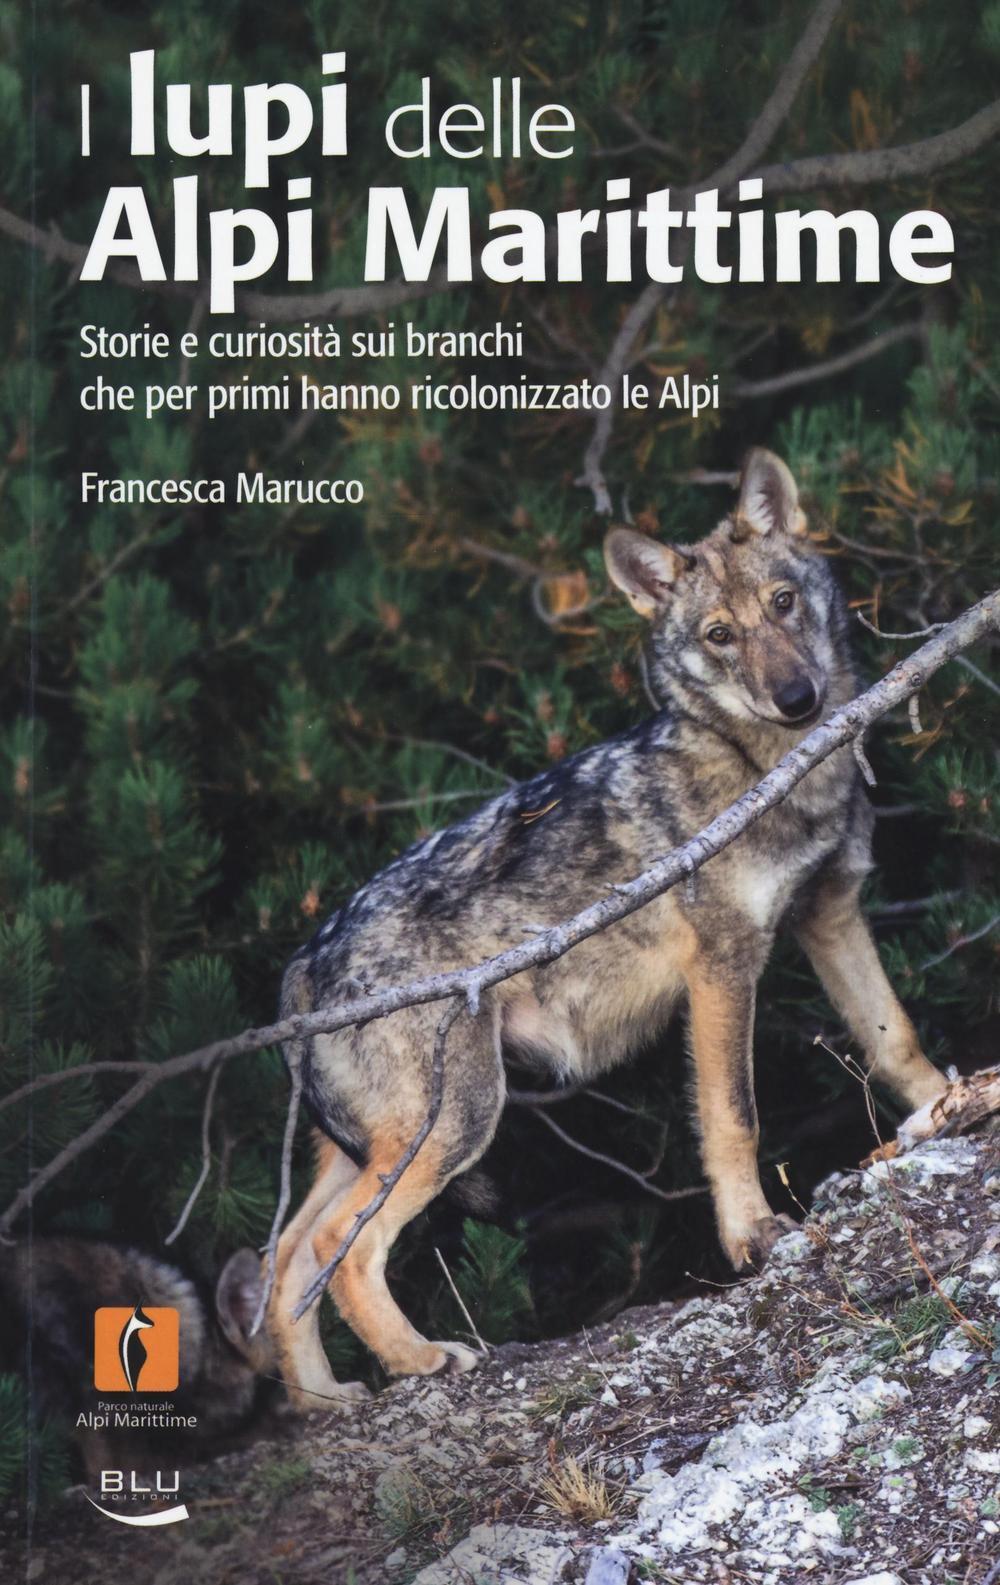 Exceptionnel Blu Edizioni: Libri dell'editore in vendita online FF41